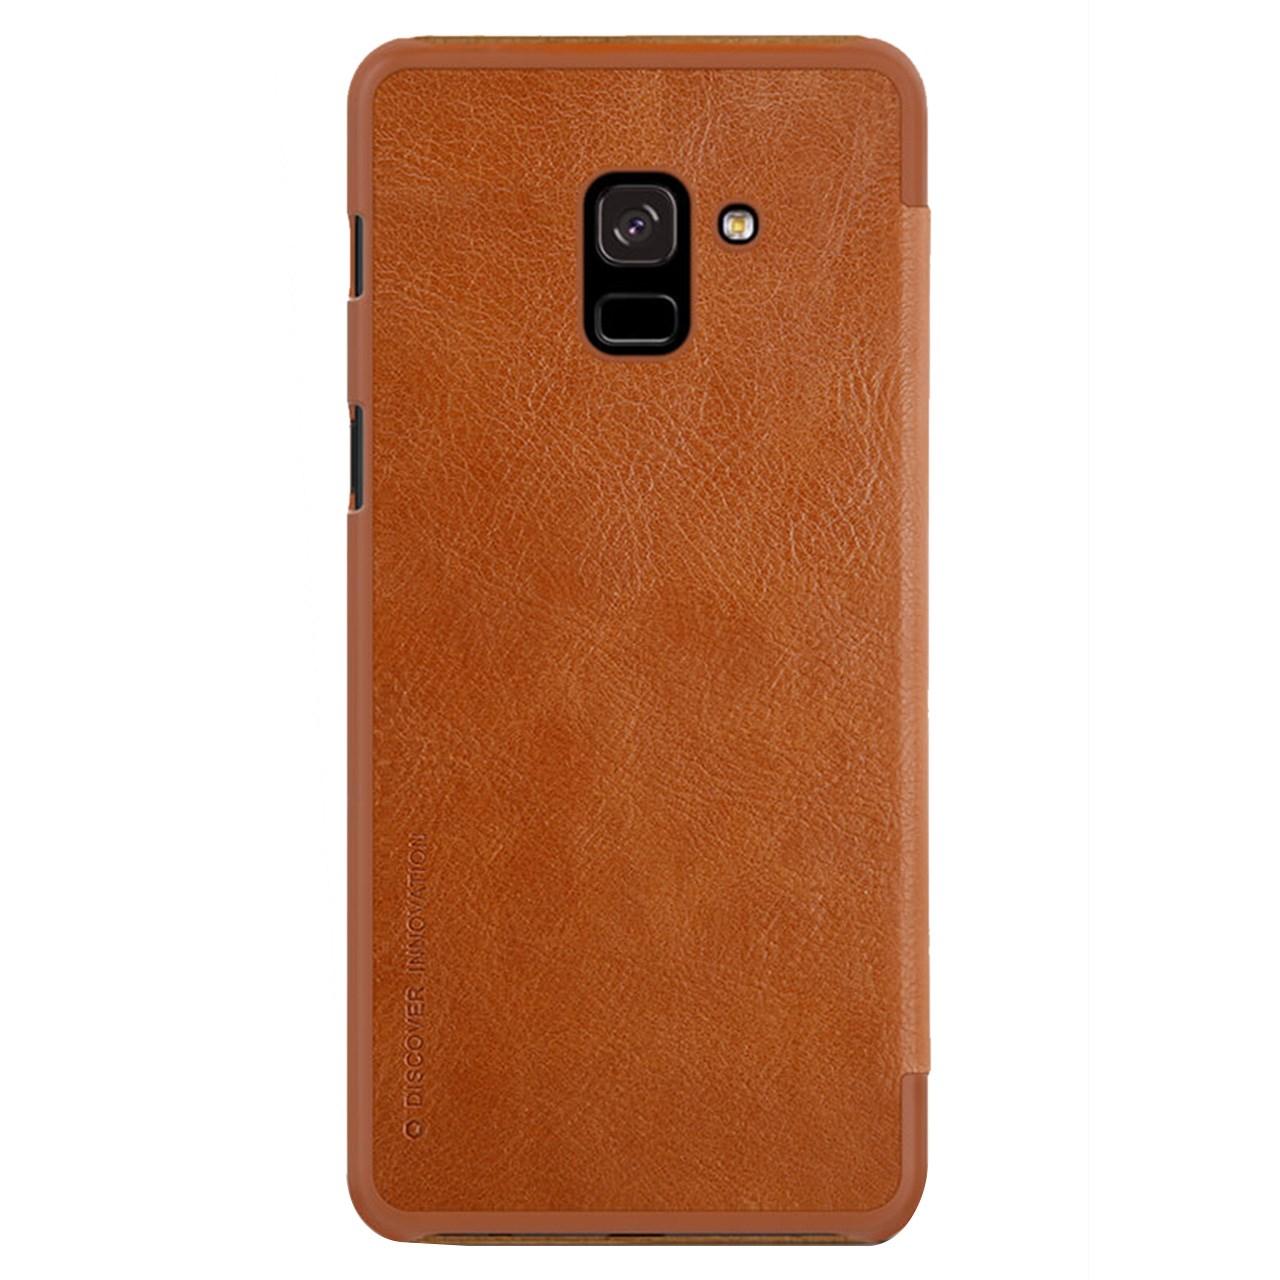 کیف کلاسوری نیلکین مدل Qin مناسب برای گوشی موبایل سامسونگ Galaxy A8 Plus 2018